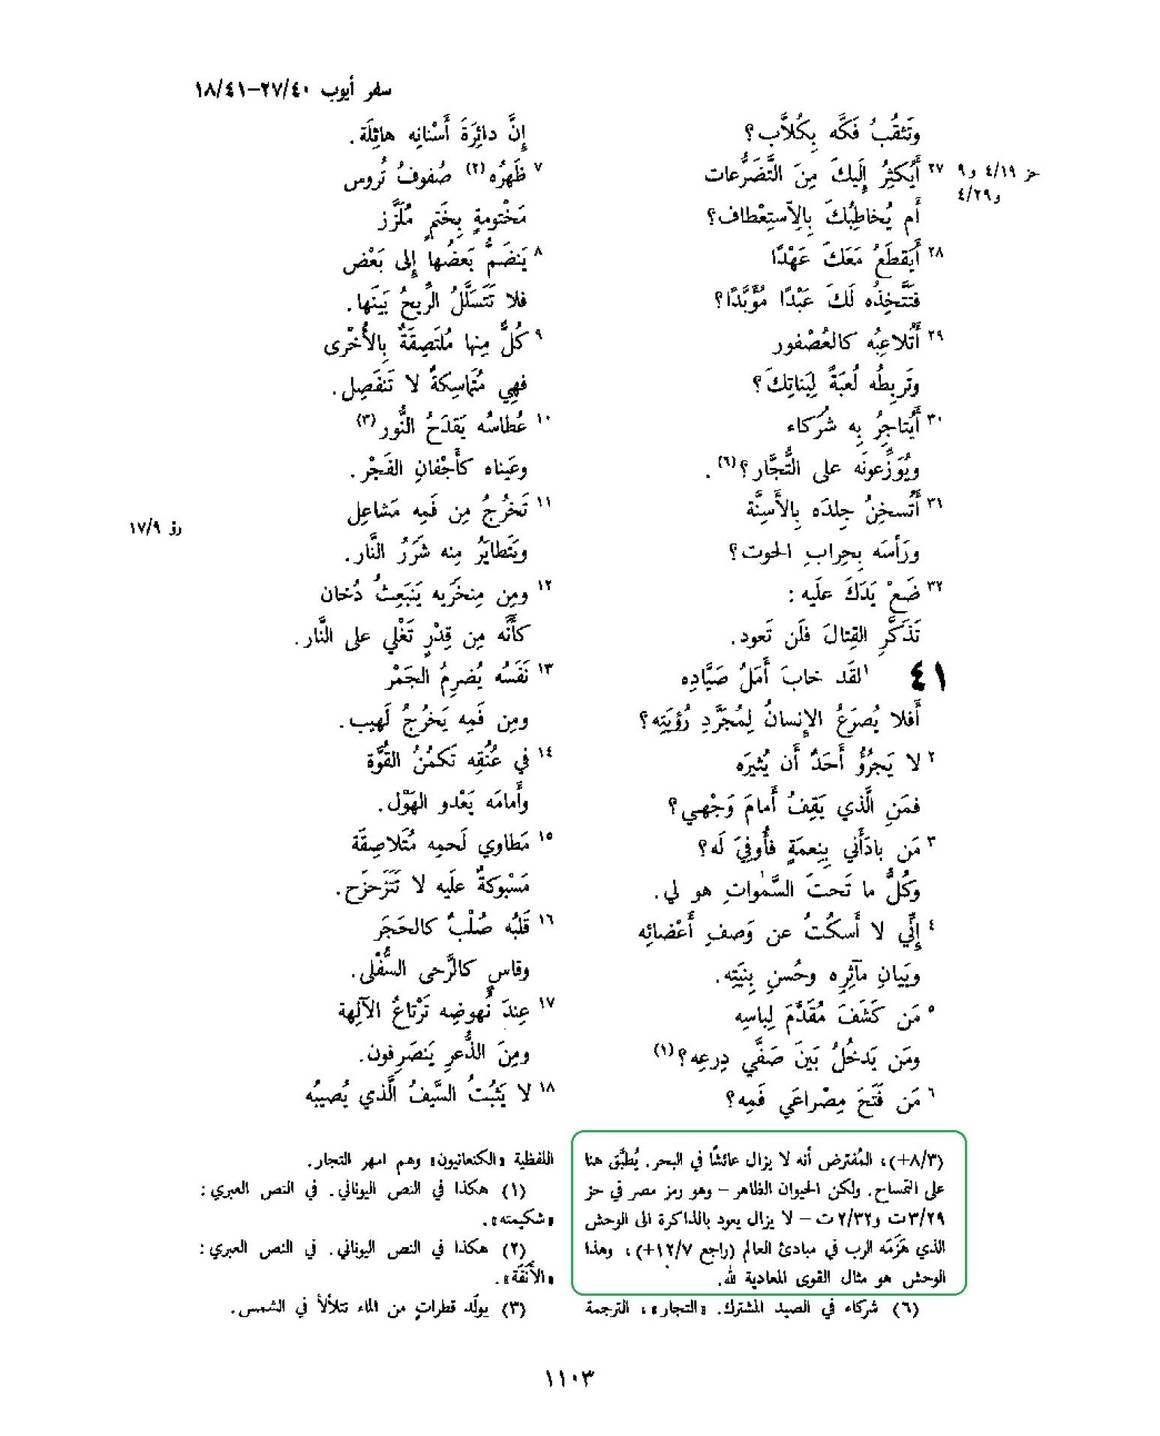 بالصور أيوب يدخل موسوعه جينيس كأكثر خرافيه الاسفار!!!!!!!!